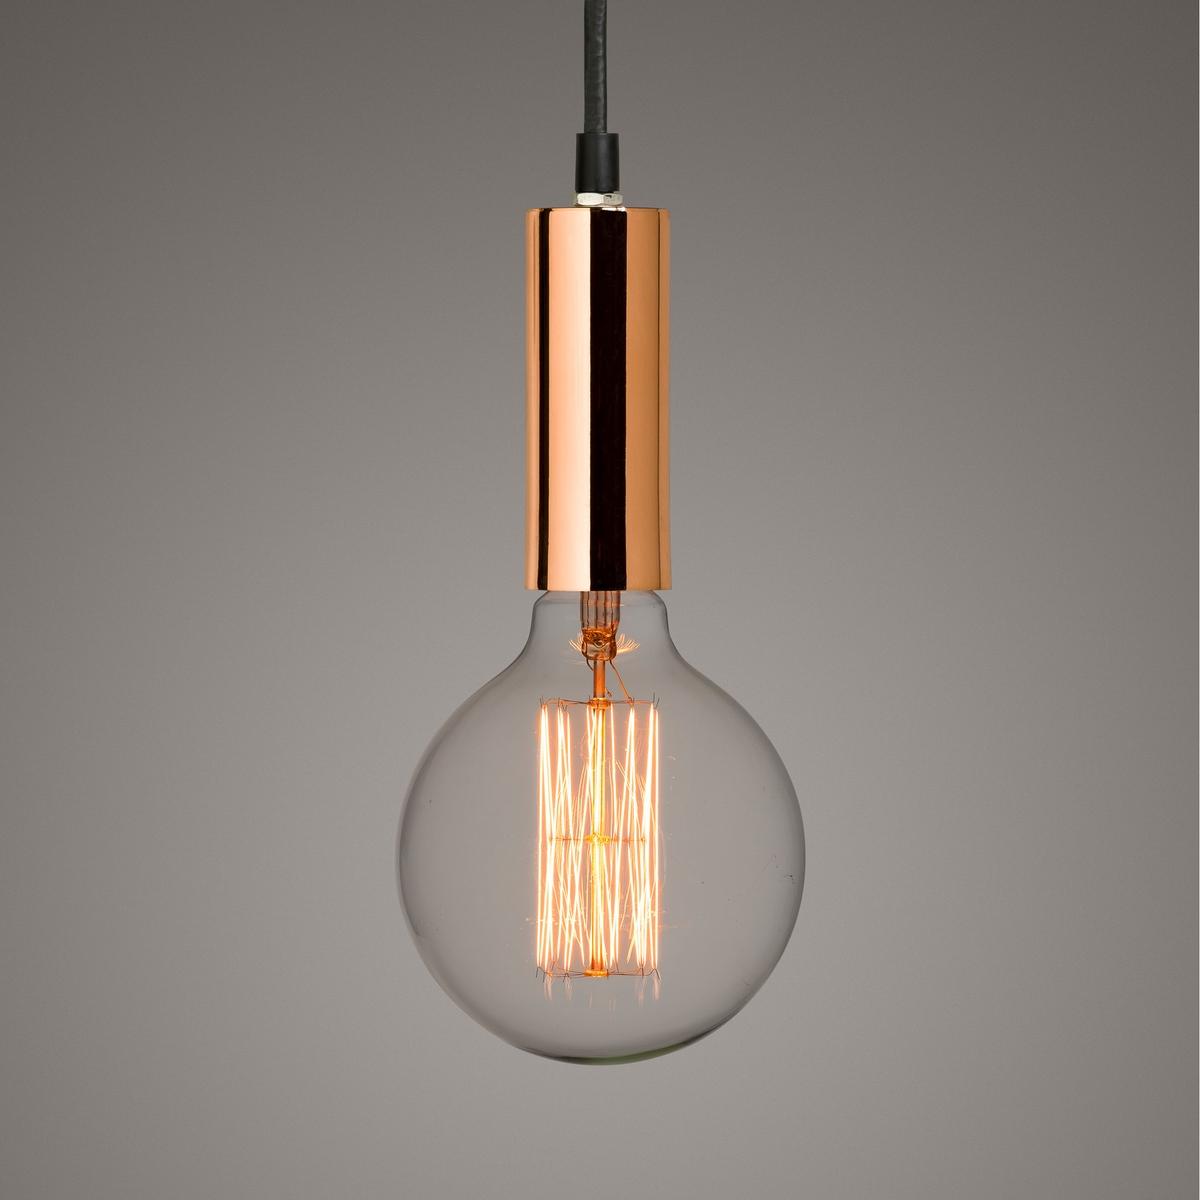 Люстра с покрытием медью LucharbeЛюстра с покрытием медью : воздушный и изящный стиль. Использование декоративной лампы накаливания придает люстре очень актуальный внешний вид.Характеристики :- Патрон E27 для компактной флуоресцентной лампы 17 Вт (продается отдельно)- Электрический кабель с оболочкой из текстиля, длина 1,20 м- Совместима с лампами класса энергопотребления A.Сочетается с лампочками LED с декоративной нитью накала, продающимися на ampm .ruРазмеры : - диаметр 4.3 x высота 12 см<br><br>Цвет: латунь,медный<br>Размер: единый размер